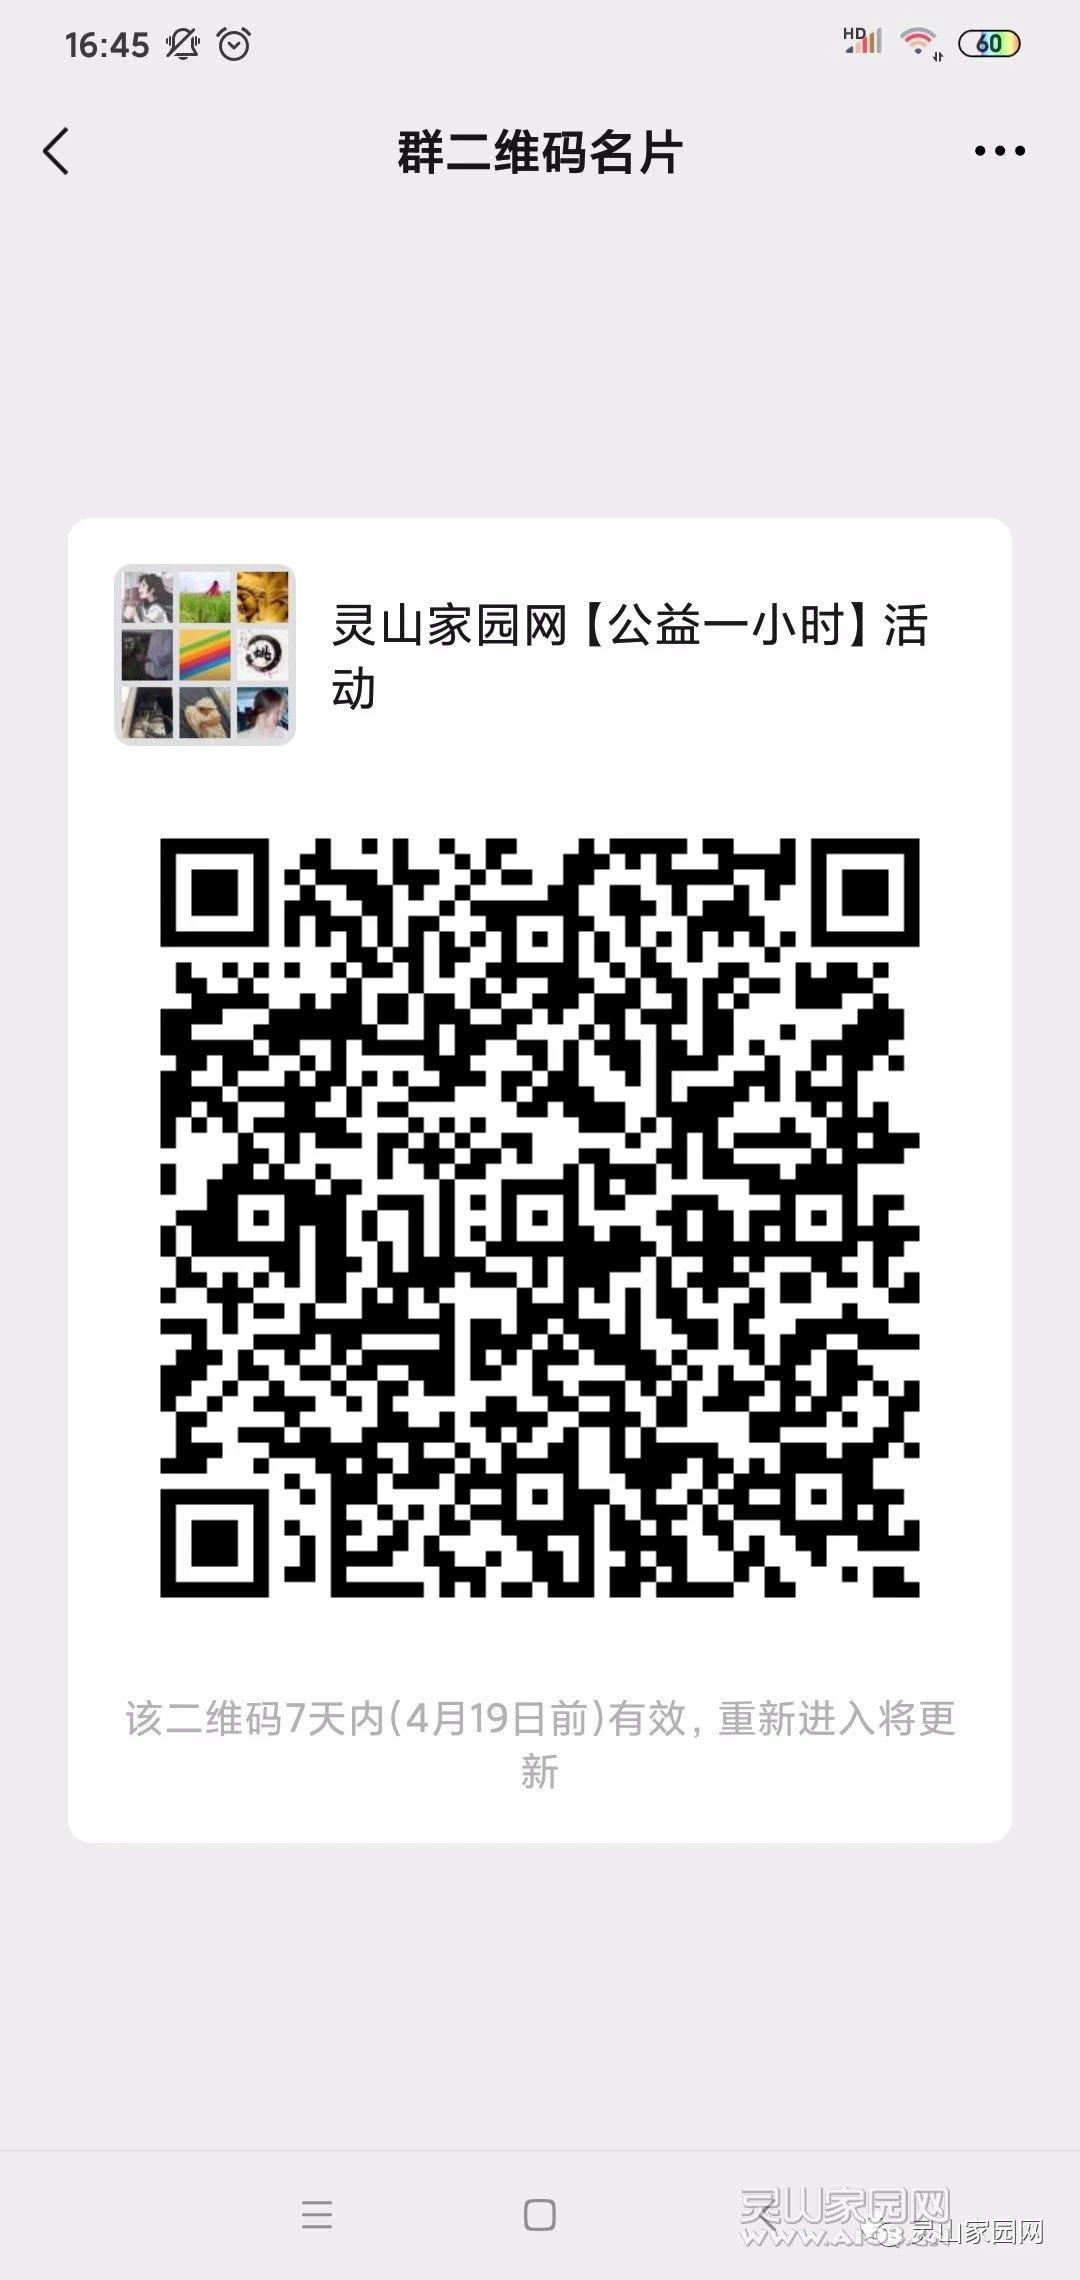 6713086ffb06487997e5b4a5b018109a.jpg